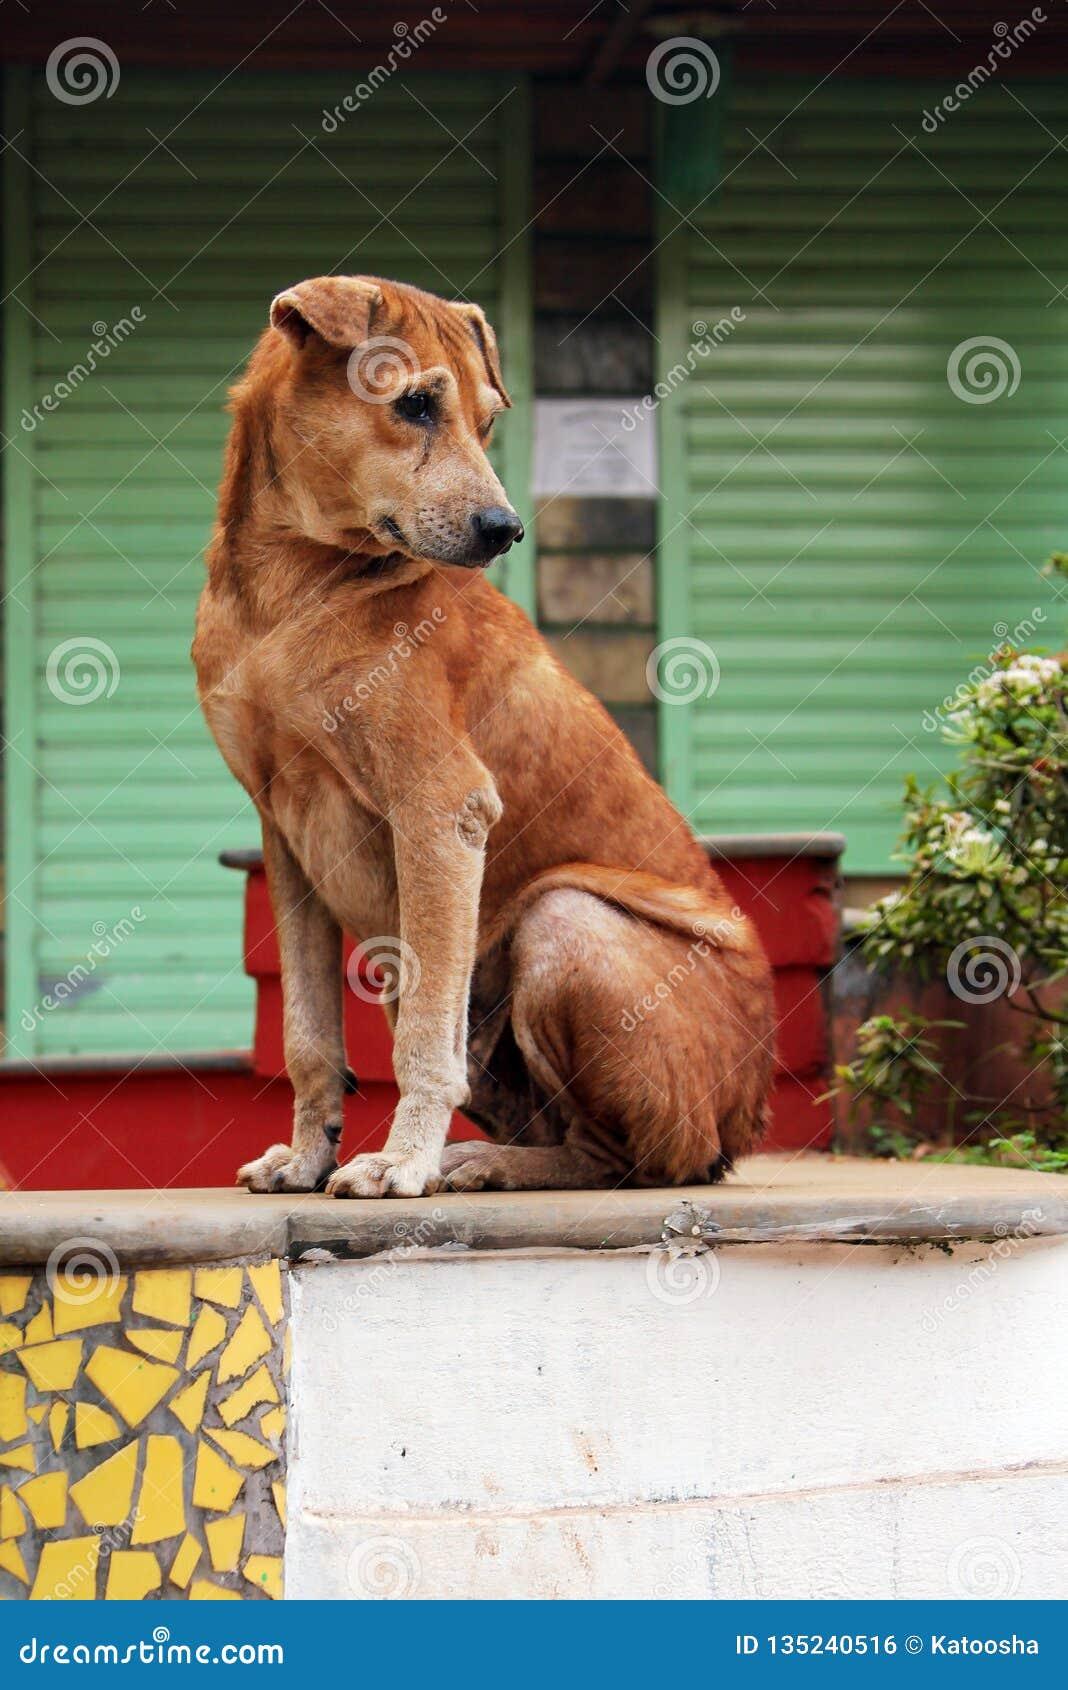 Skinny stray dog sitting on the street